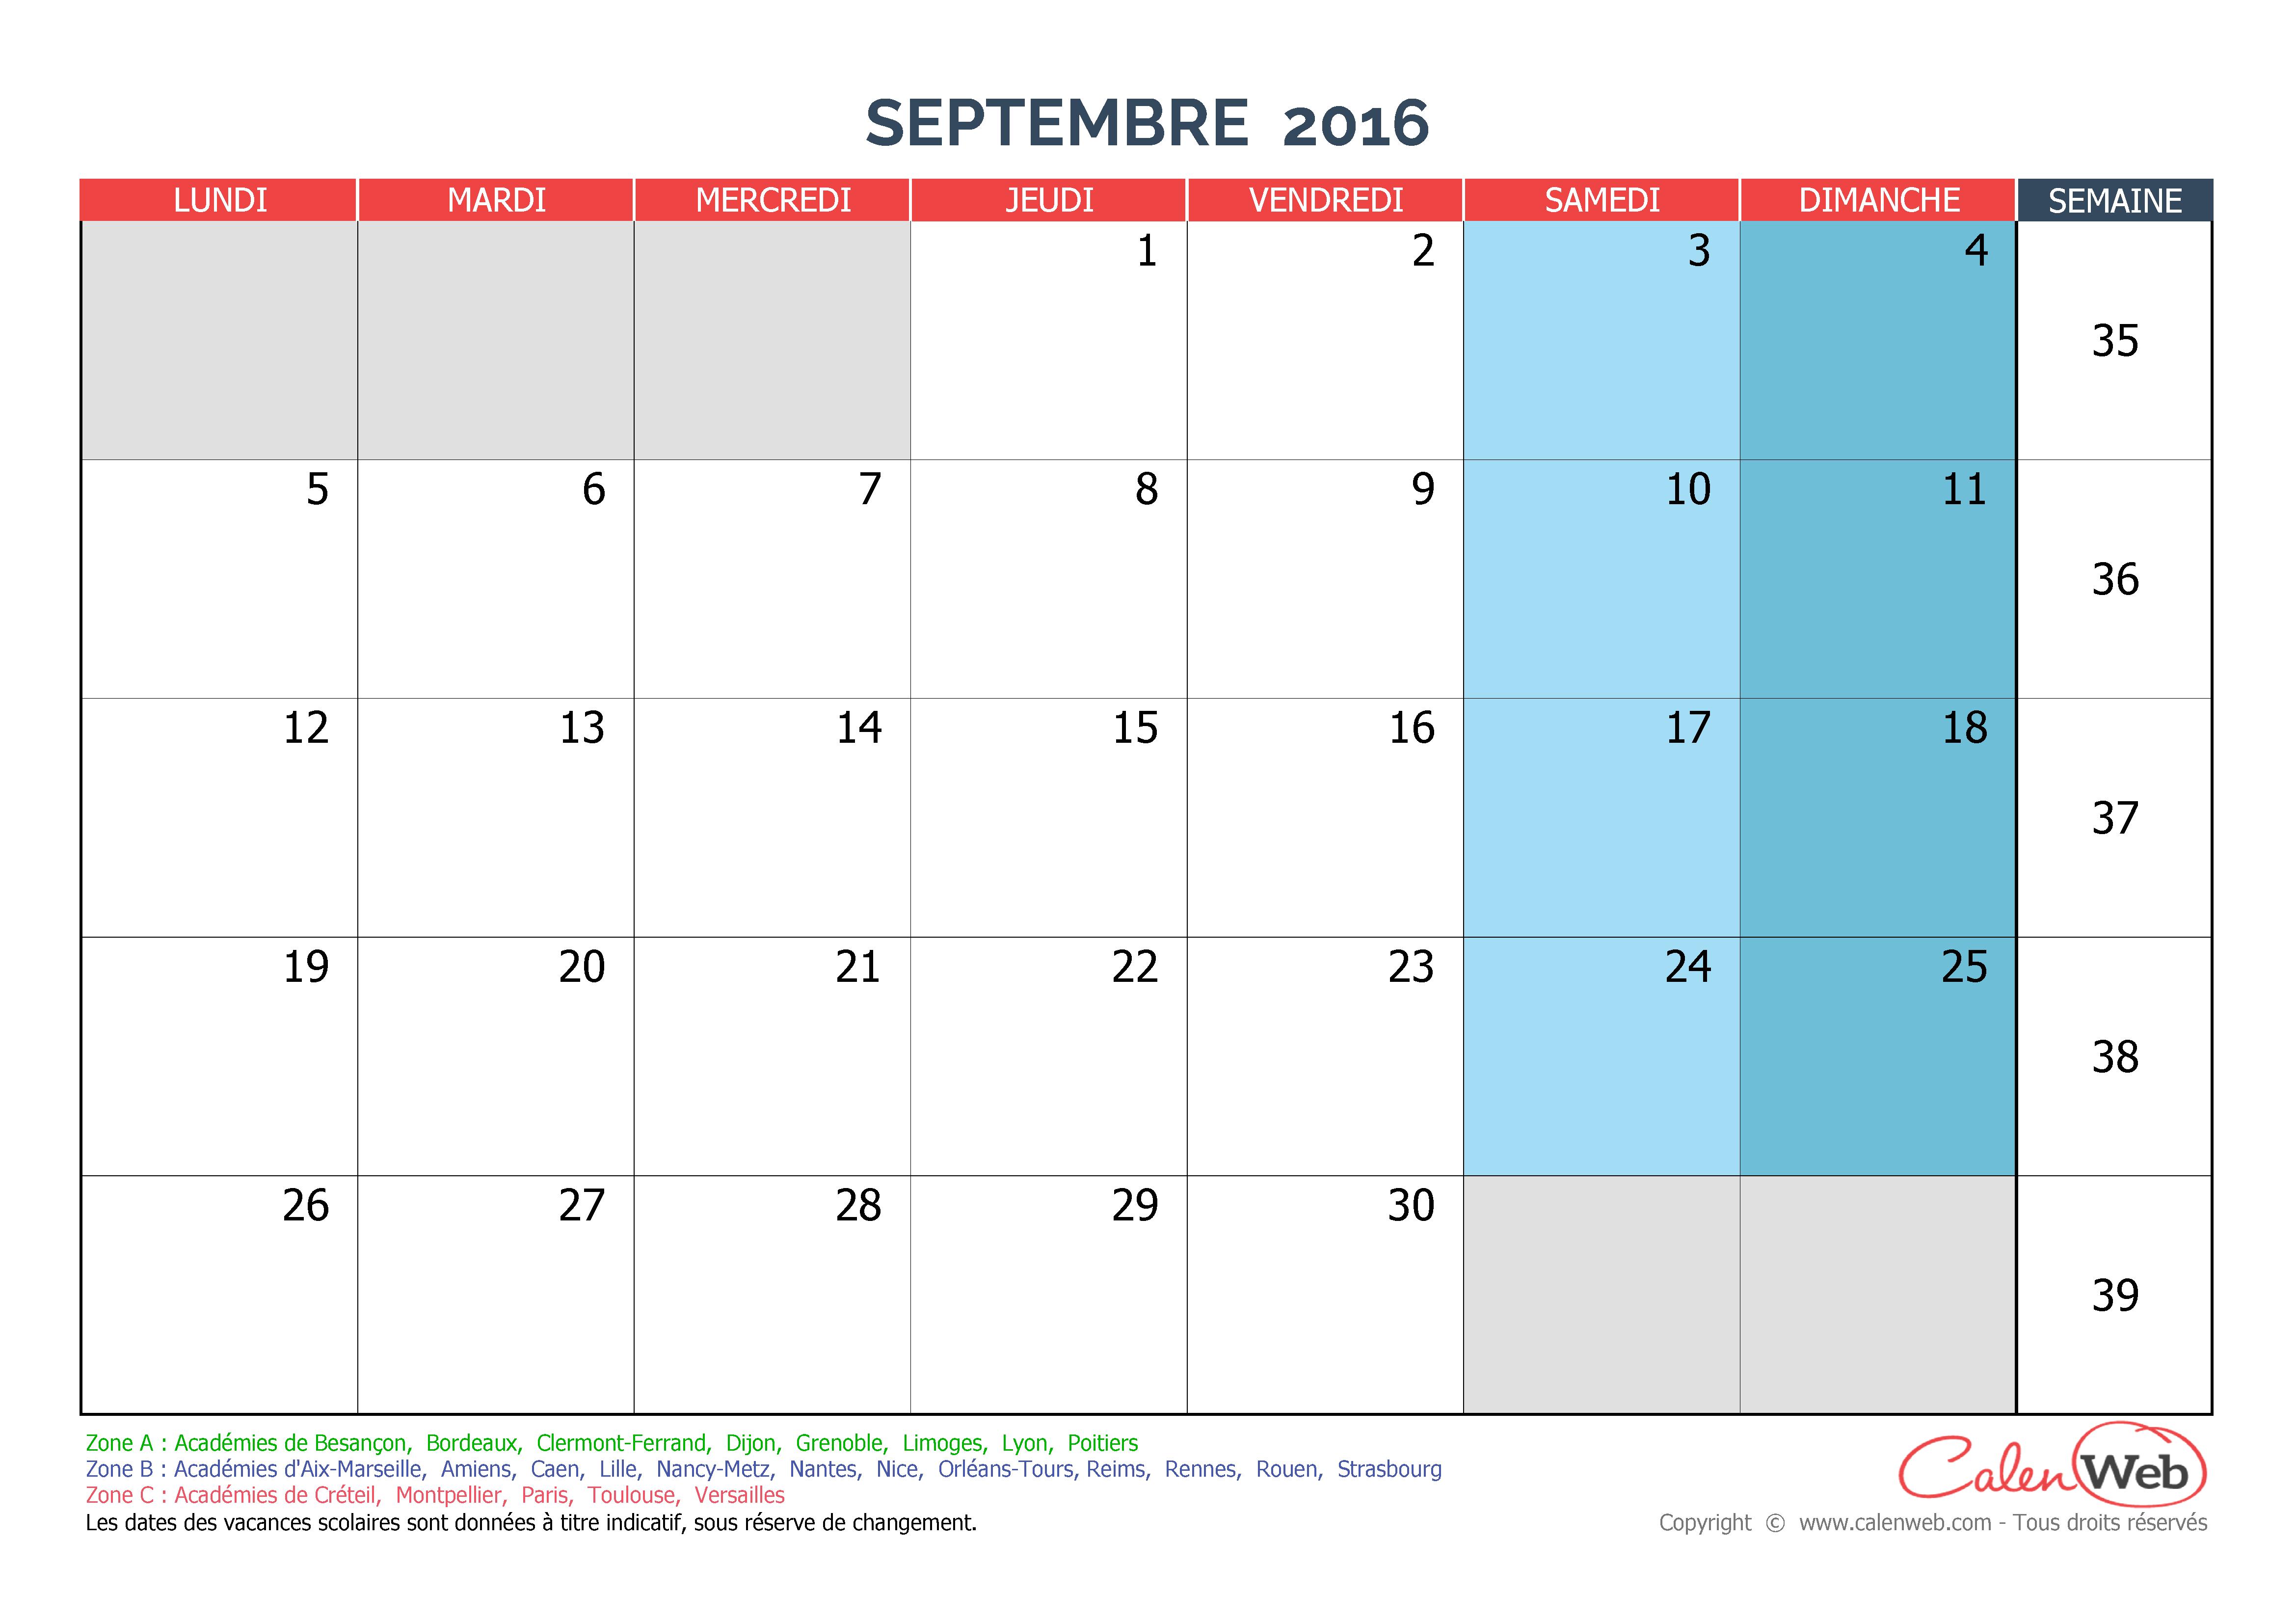 Calendrier Mois De Septembre.Calendrier Mensuel Mois De Septembre 2016 Avec Jours